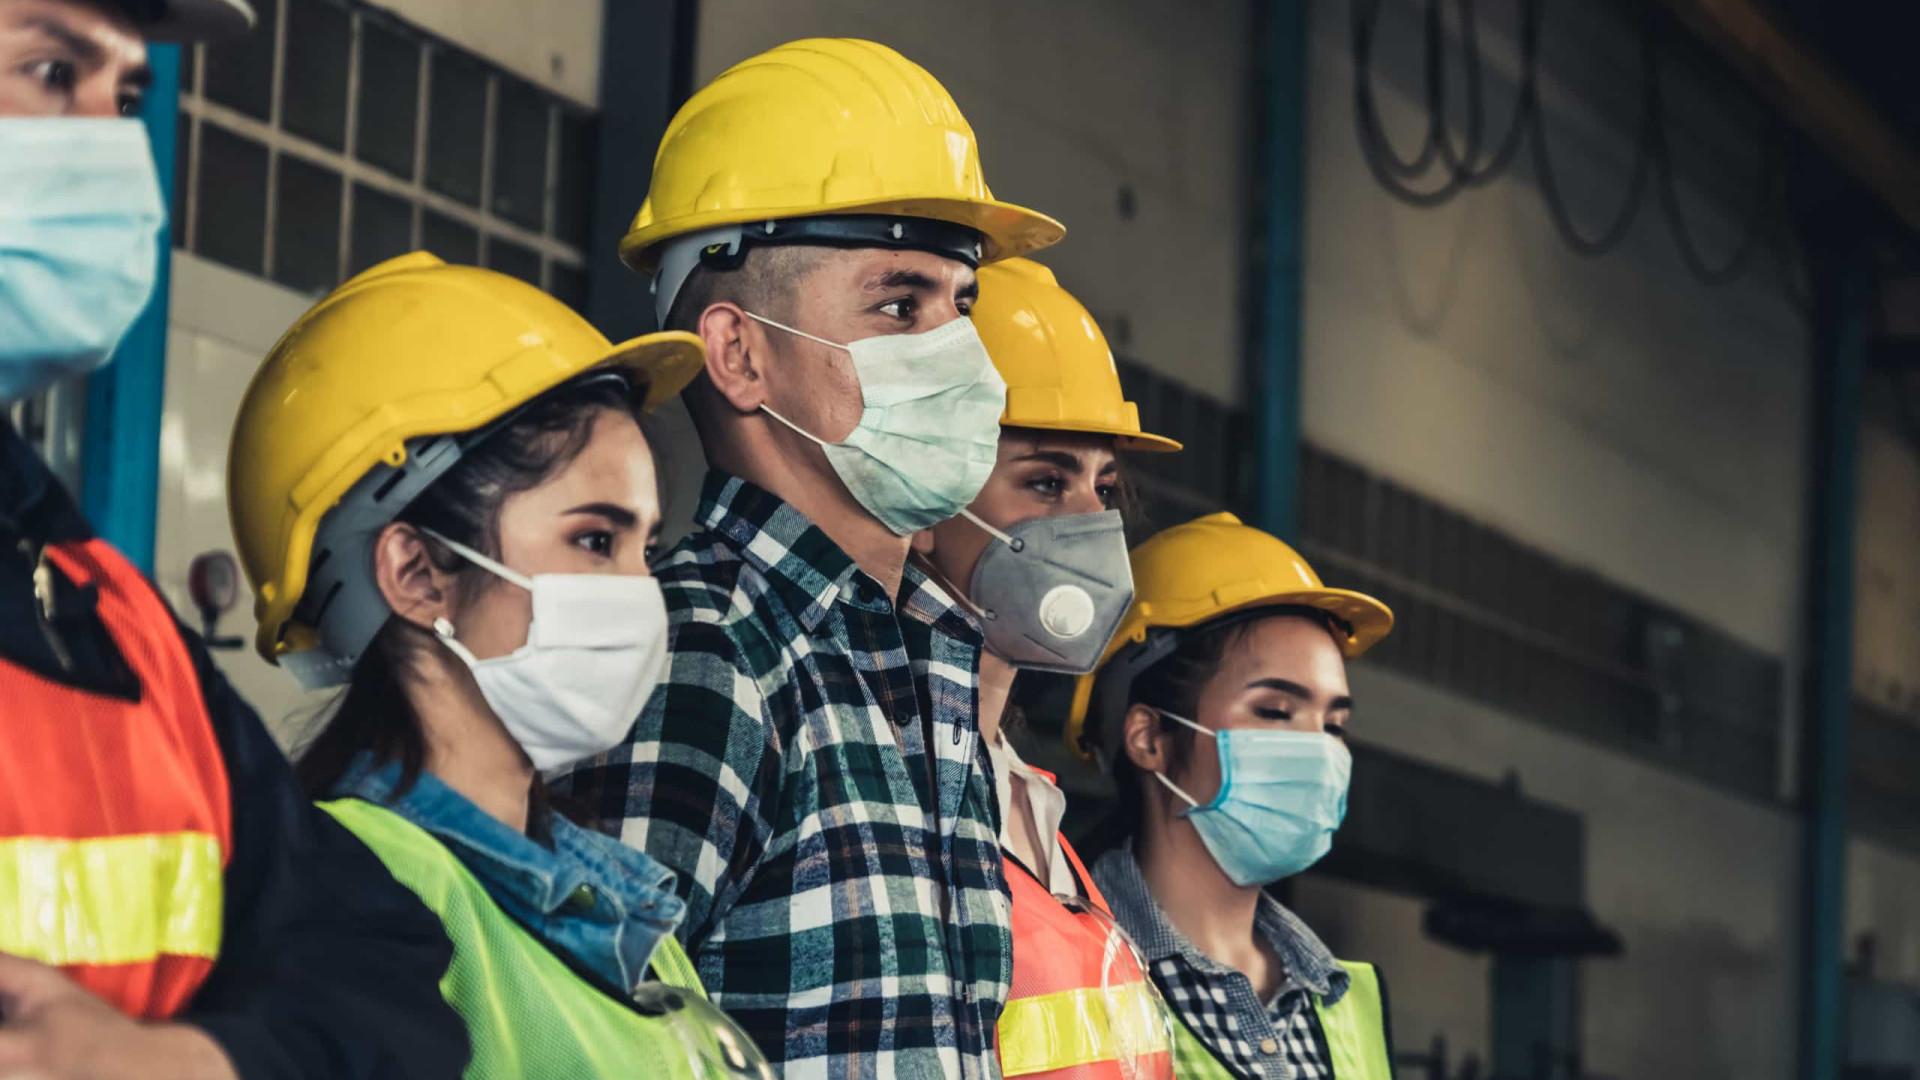 10 milhões tiveram contrato suspenso ou o salário reduzido na pandemia